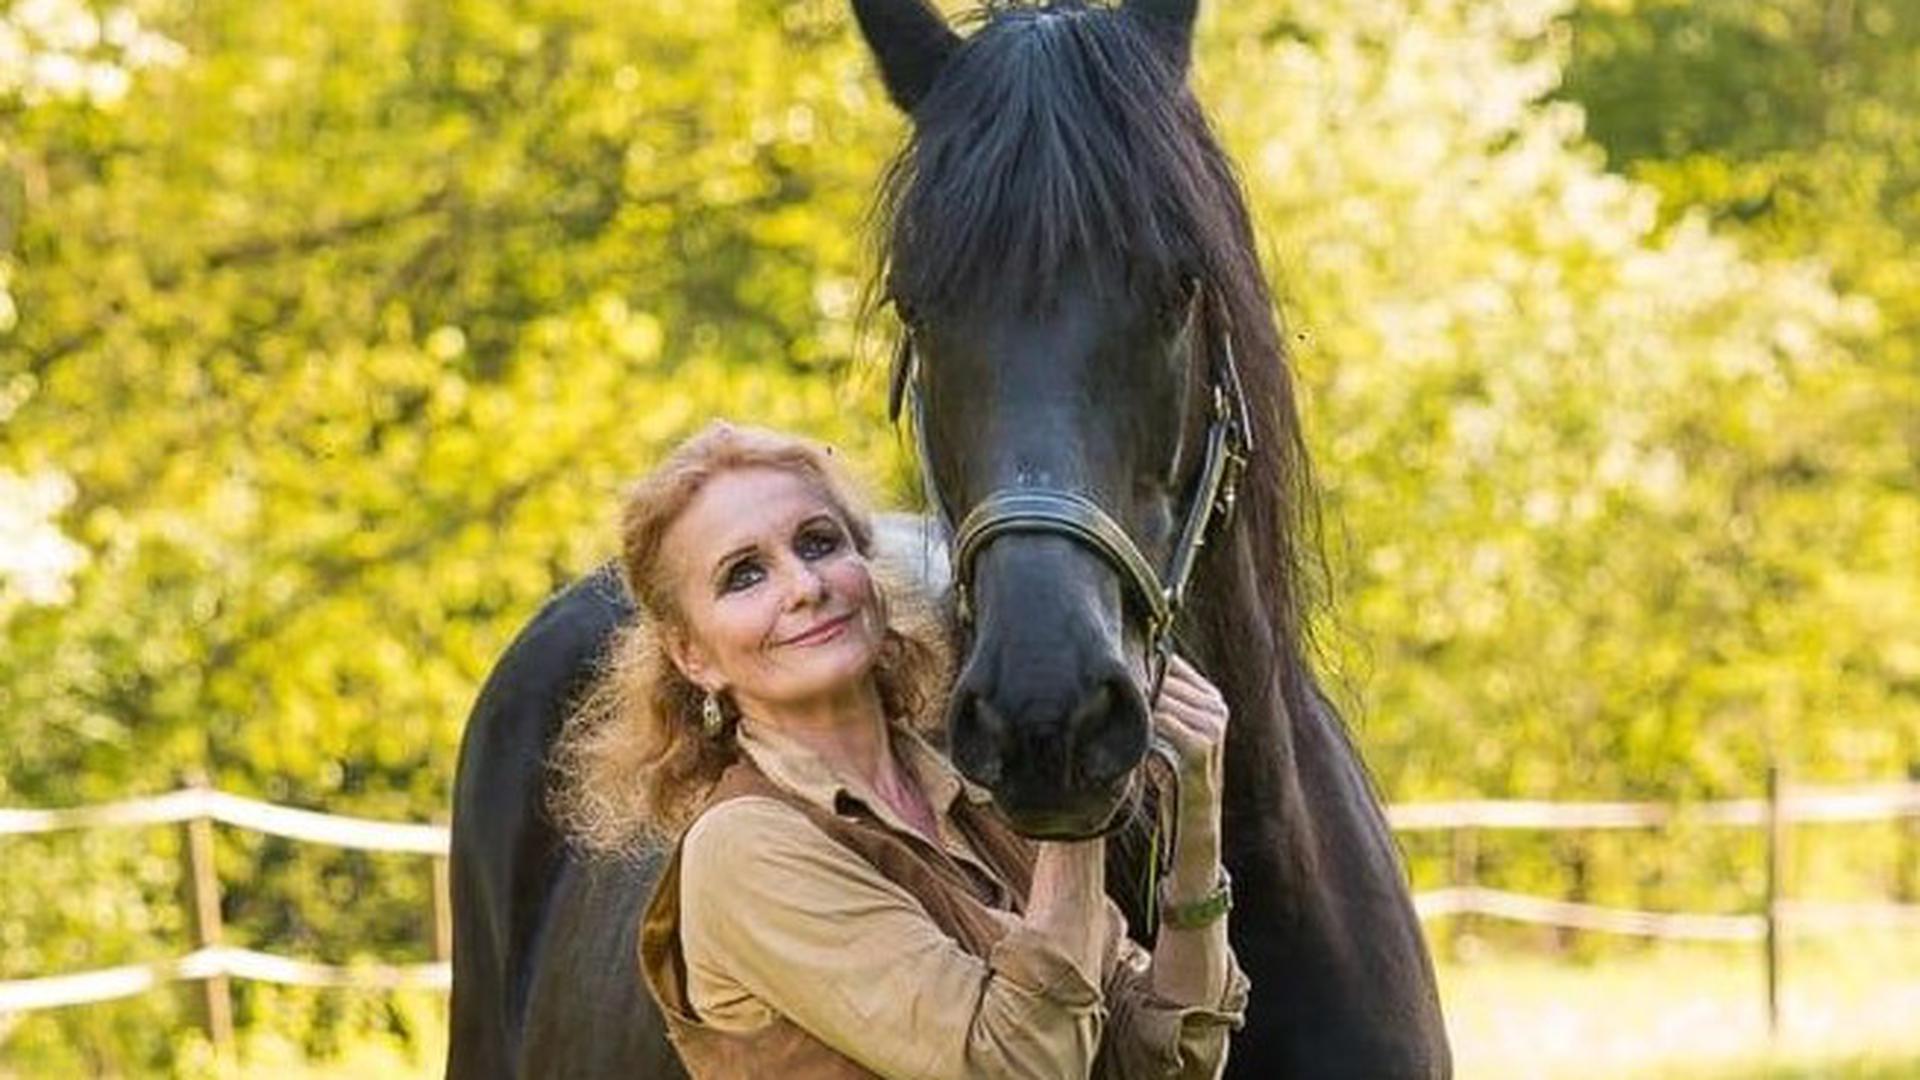 Sanfte Riesen: Beate Schöbe bietet mit ihren Friesen pferdegestützte Therapie an. Nun ist sie dringend auf der Suche nach einem neuen Grundstück.